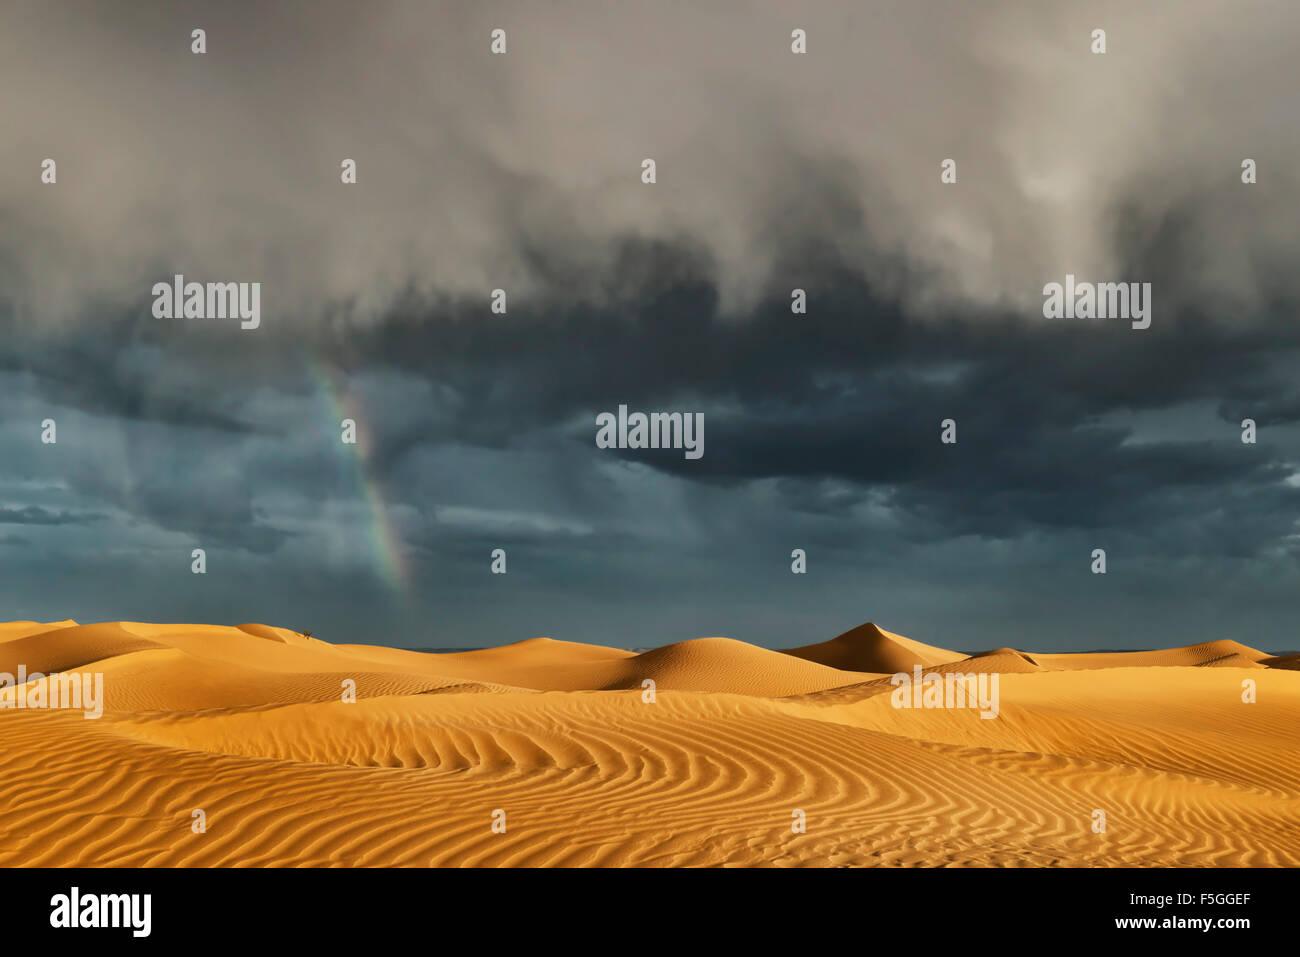 Sahara-Sand-Dünen mit stürmischen, bewölktem Himmel und Regenbogen. Stockfoto